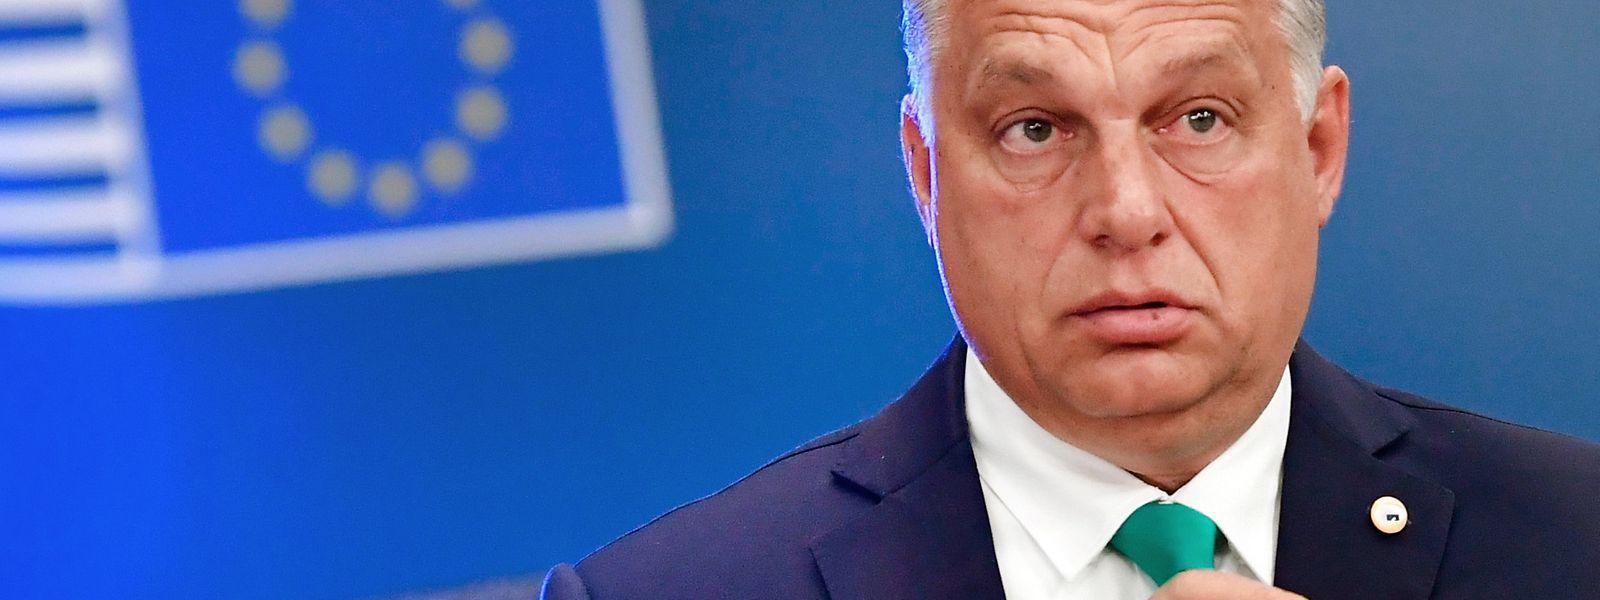 Der ungarische Premier Viktor Orban.